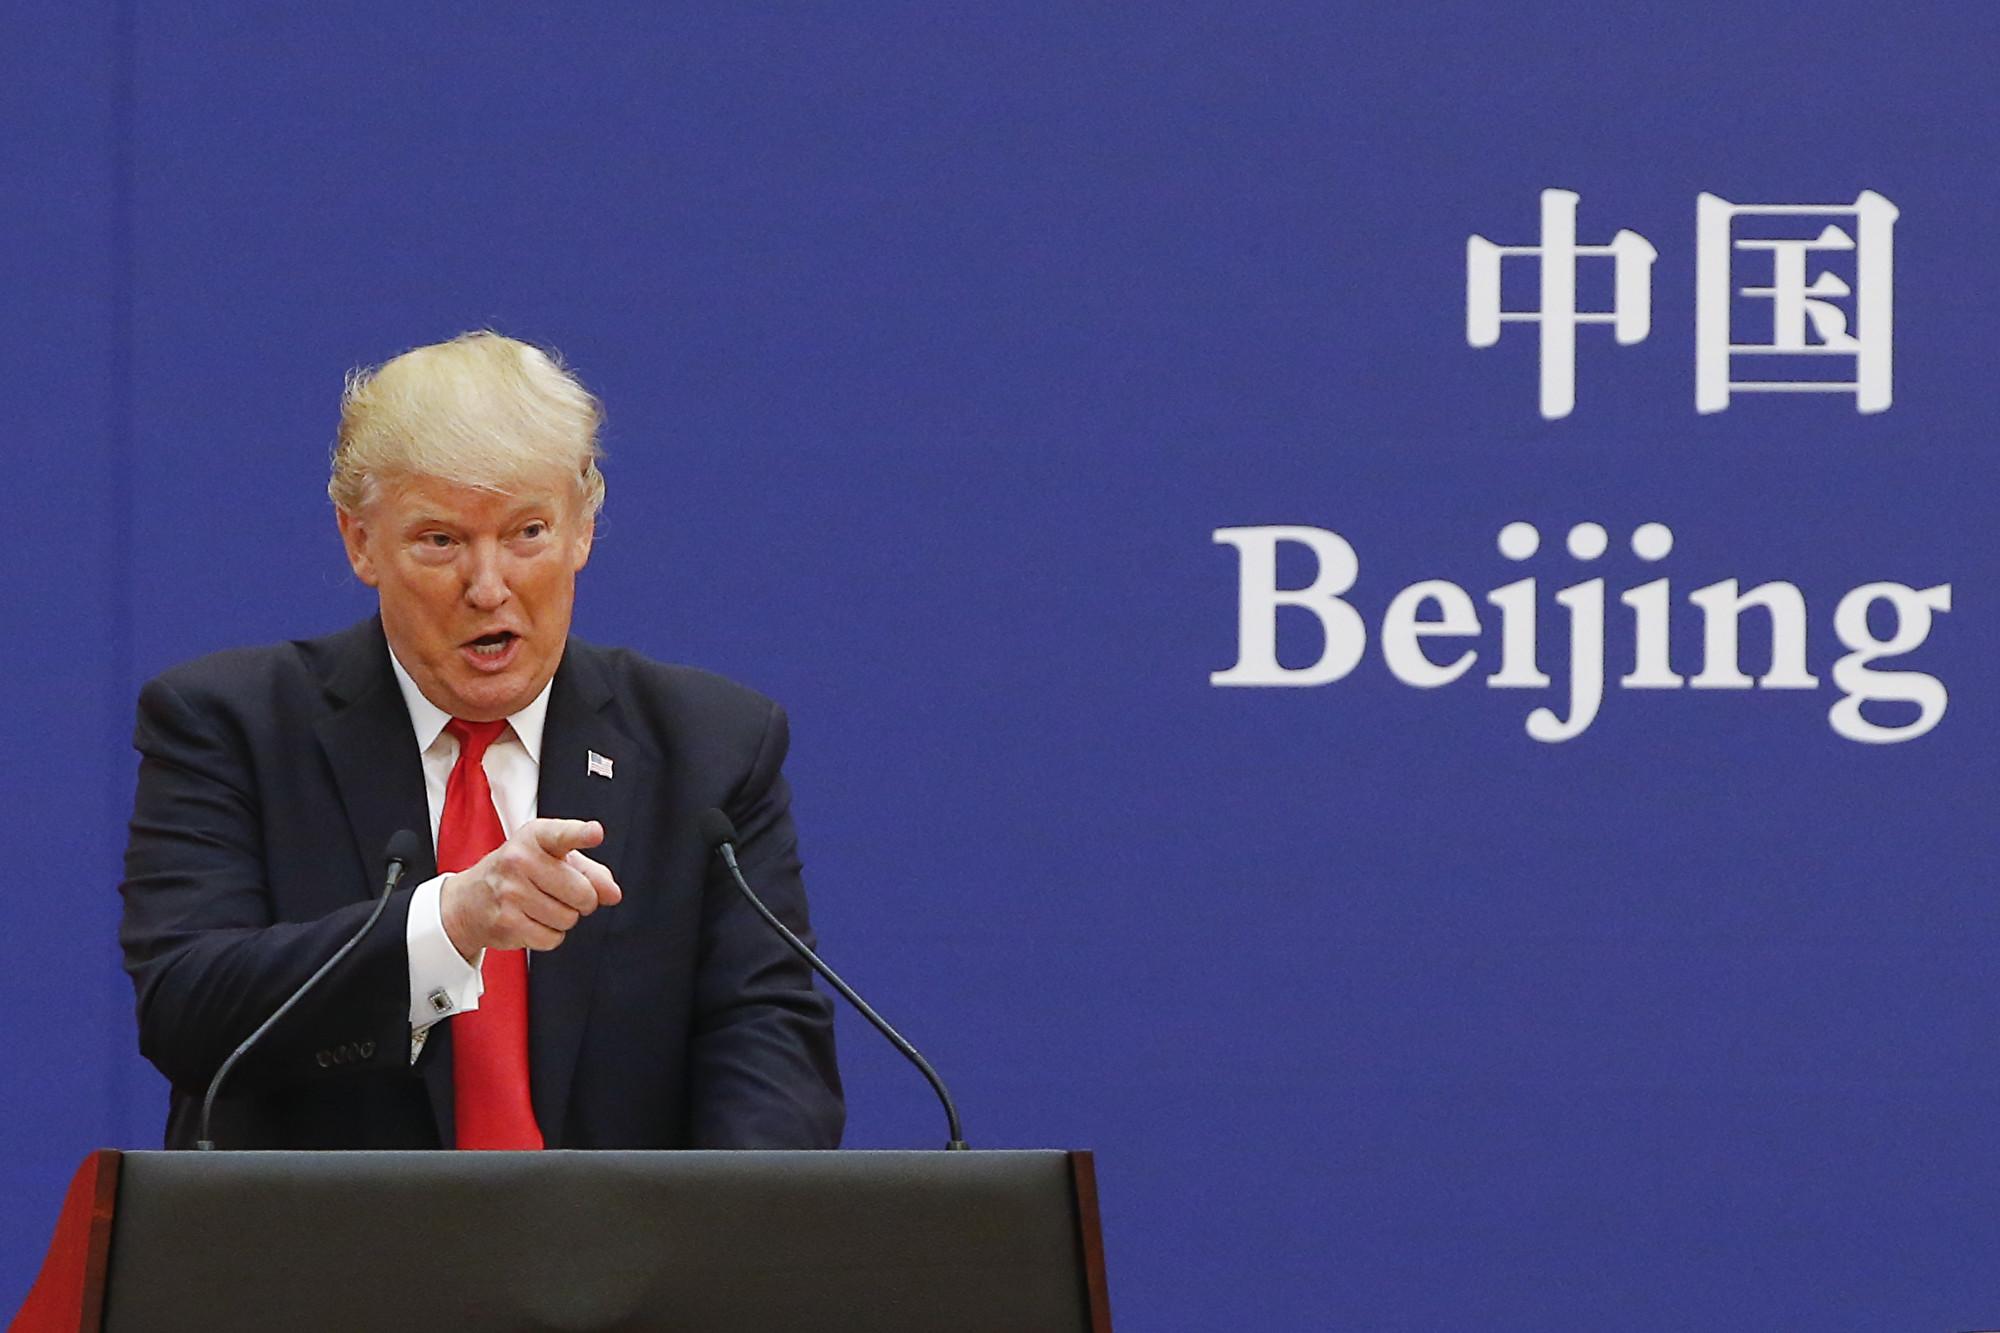 中共宣傳戰 敗給特朗普 漸失國際話語權